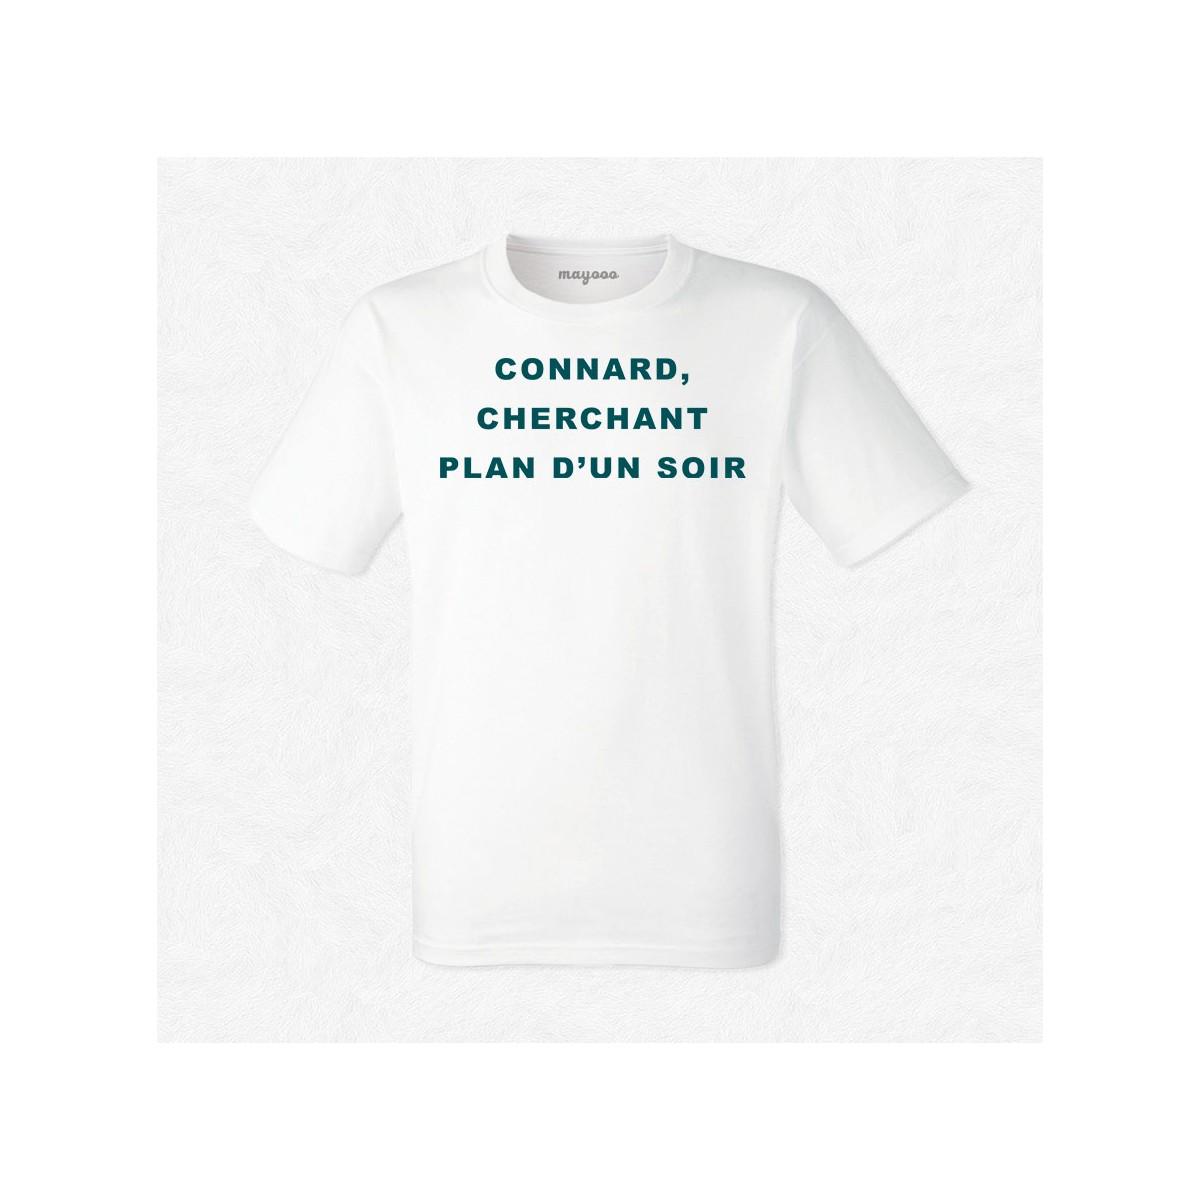 T-shirt Connard cherchant plan d'un soir